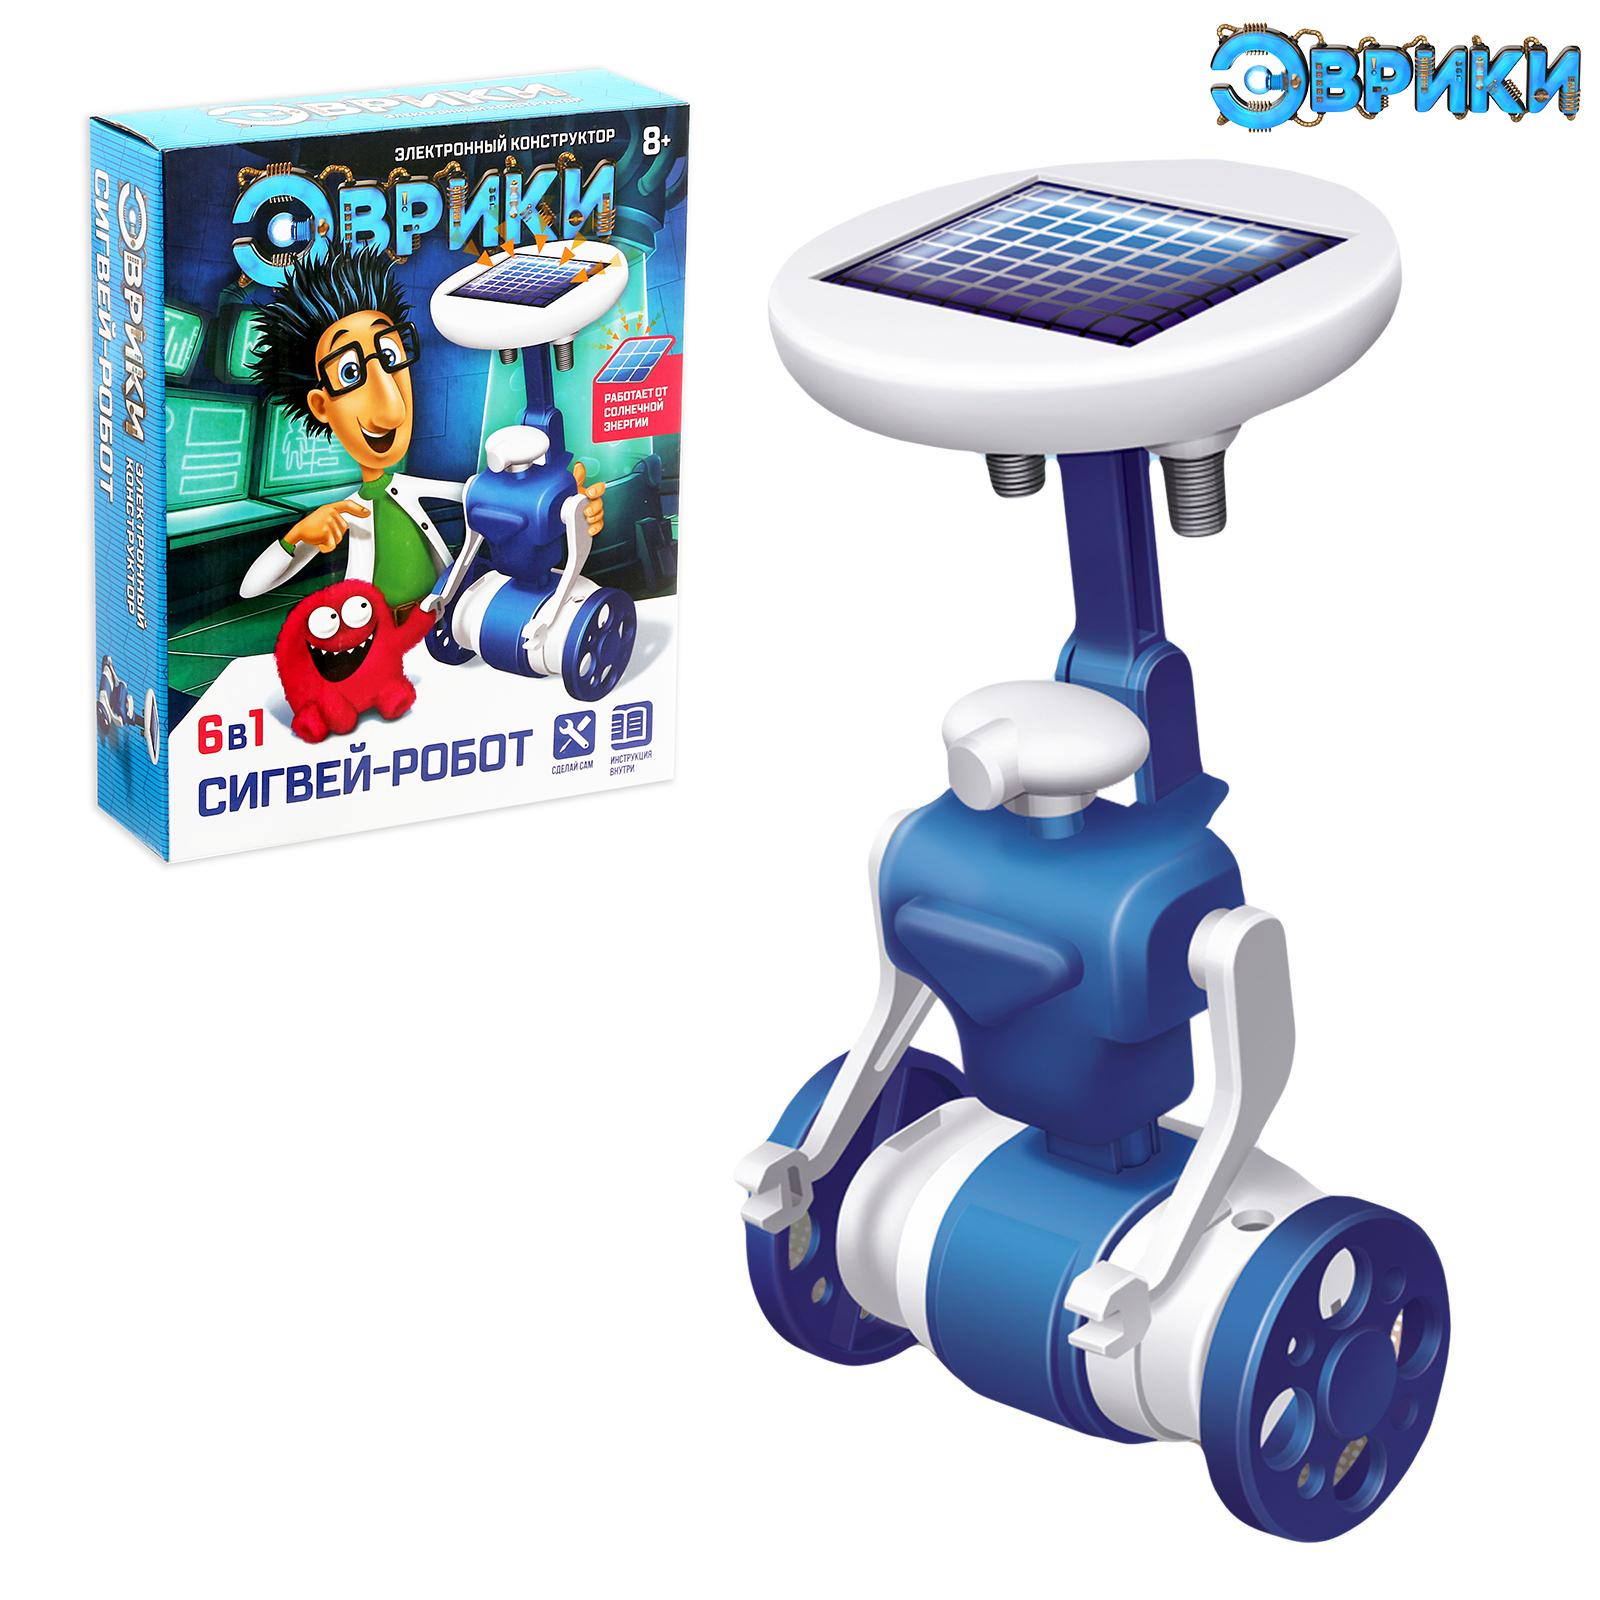 Сигвей-робот 6 в 1